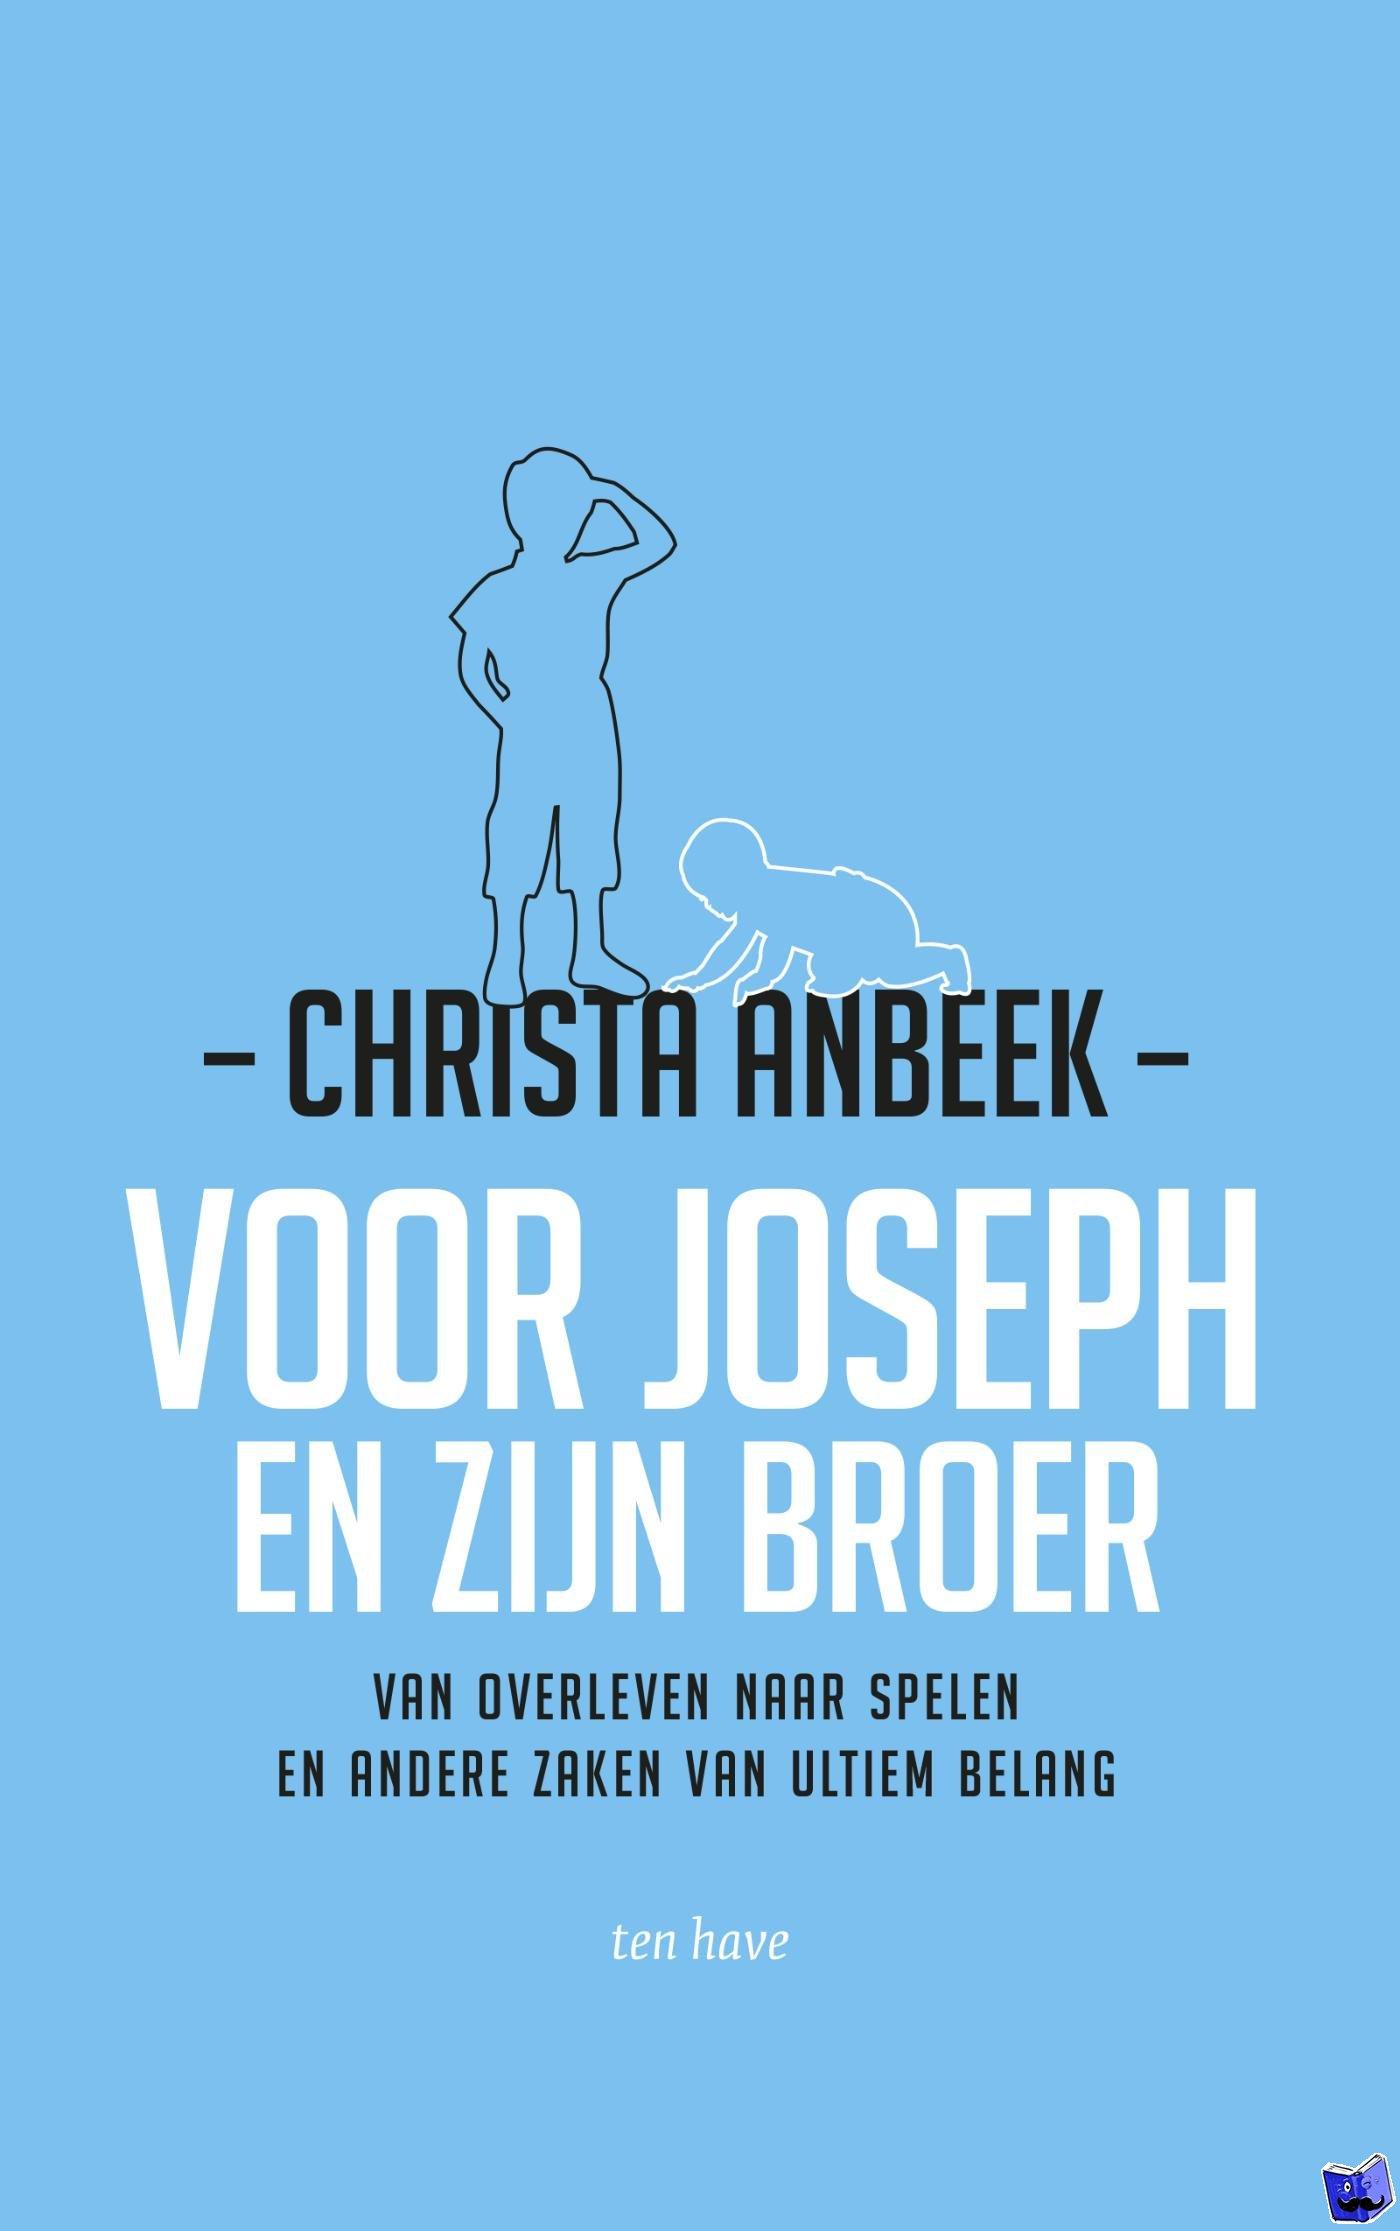 Anbeek, Christa - Voor Joseph en zijn broer - POD editie